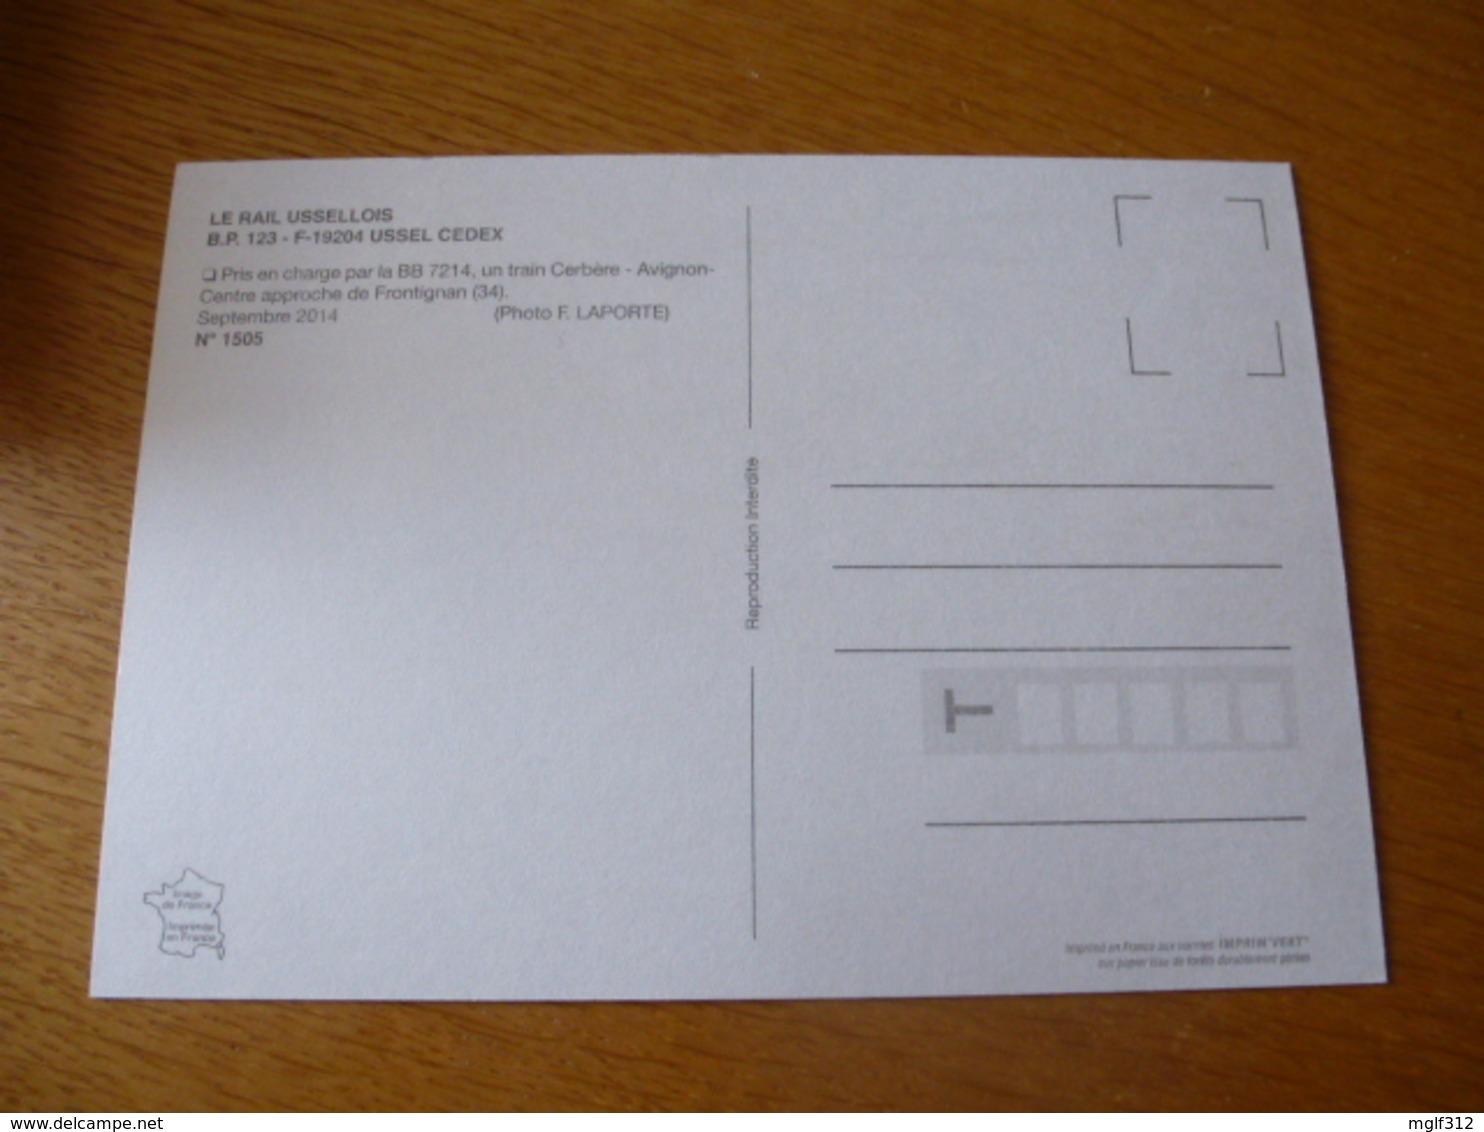 FRONTIGNAN (34) : BB 7214 Train CERBERE - AVIGNON En Septembre 2014 - Détails 2ème Scan - Trains